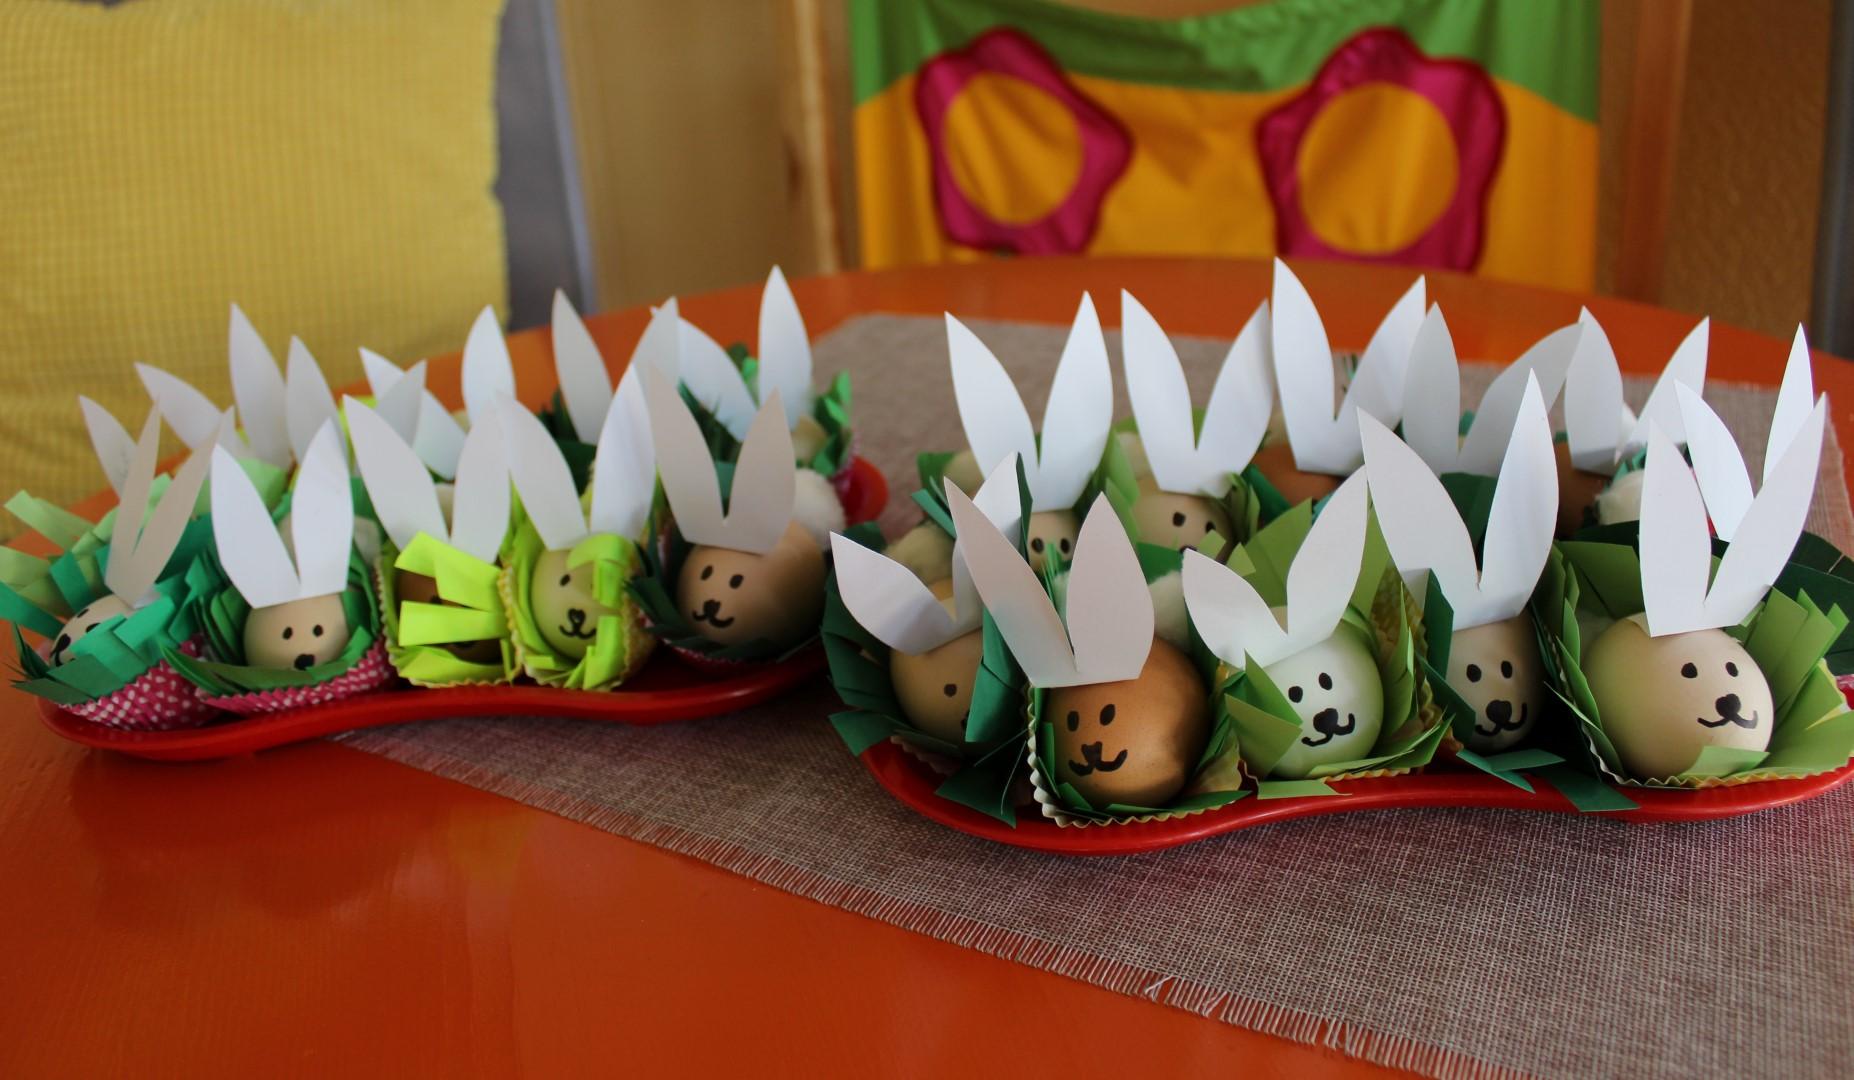 Zdrowych i radosnych Świąt Wielkanocnych